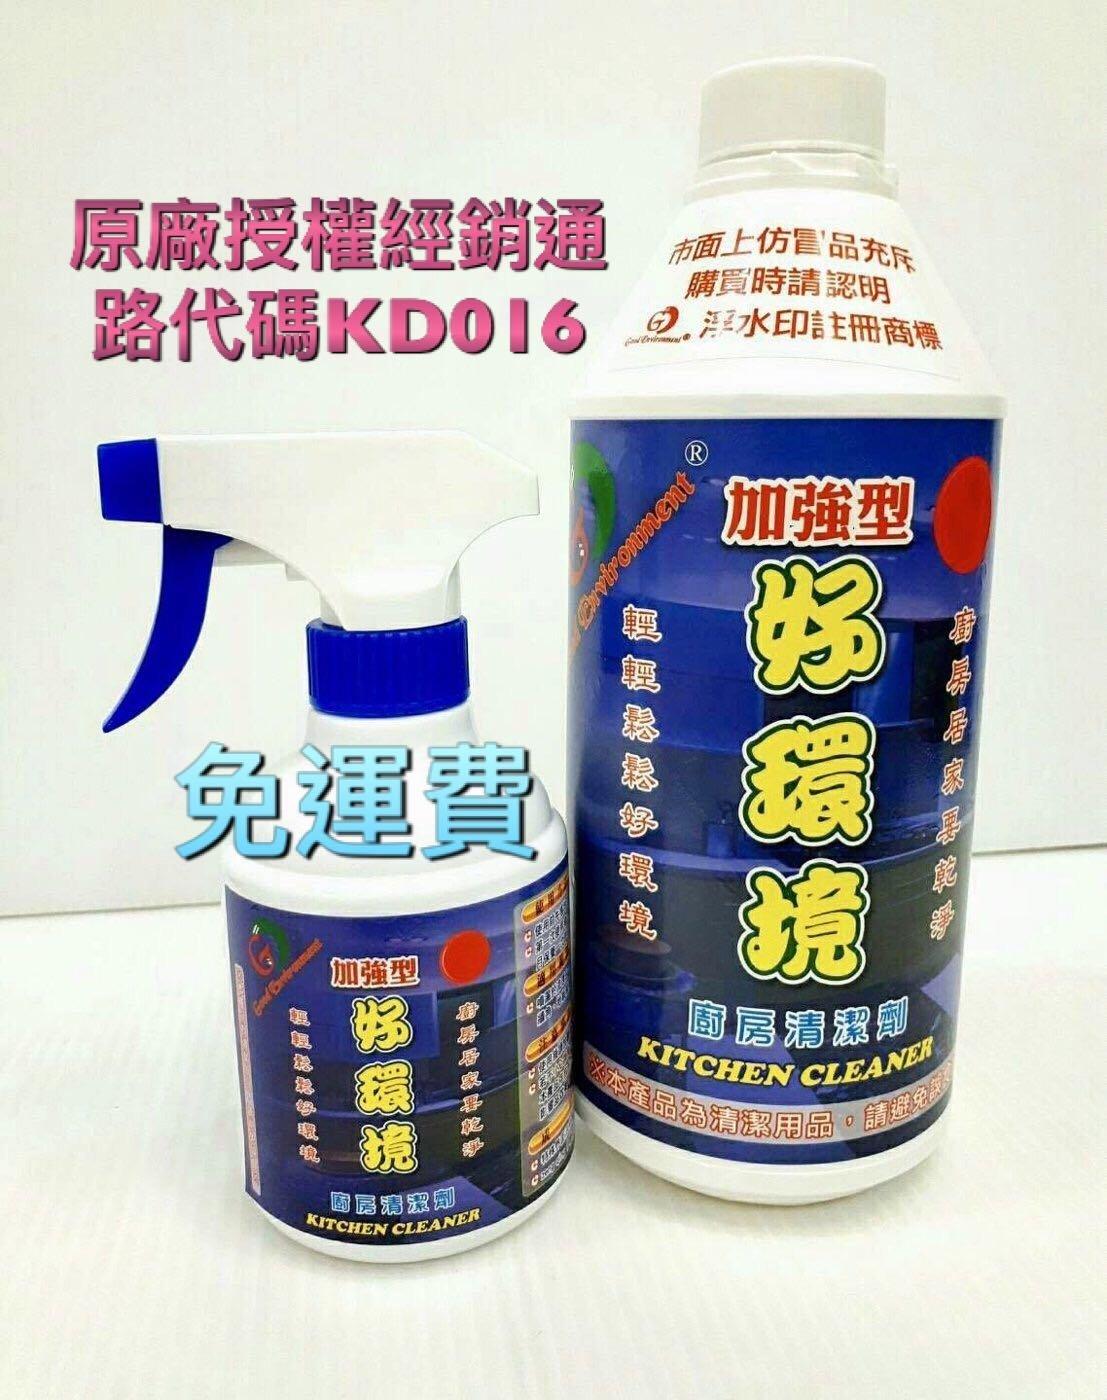 免 !好環境廚房清潔劑。本產品通過SGS測試合格,1000ml*2罐(噴灑空罐*2)